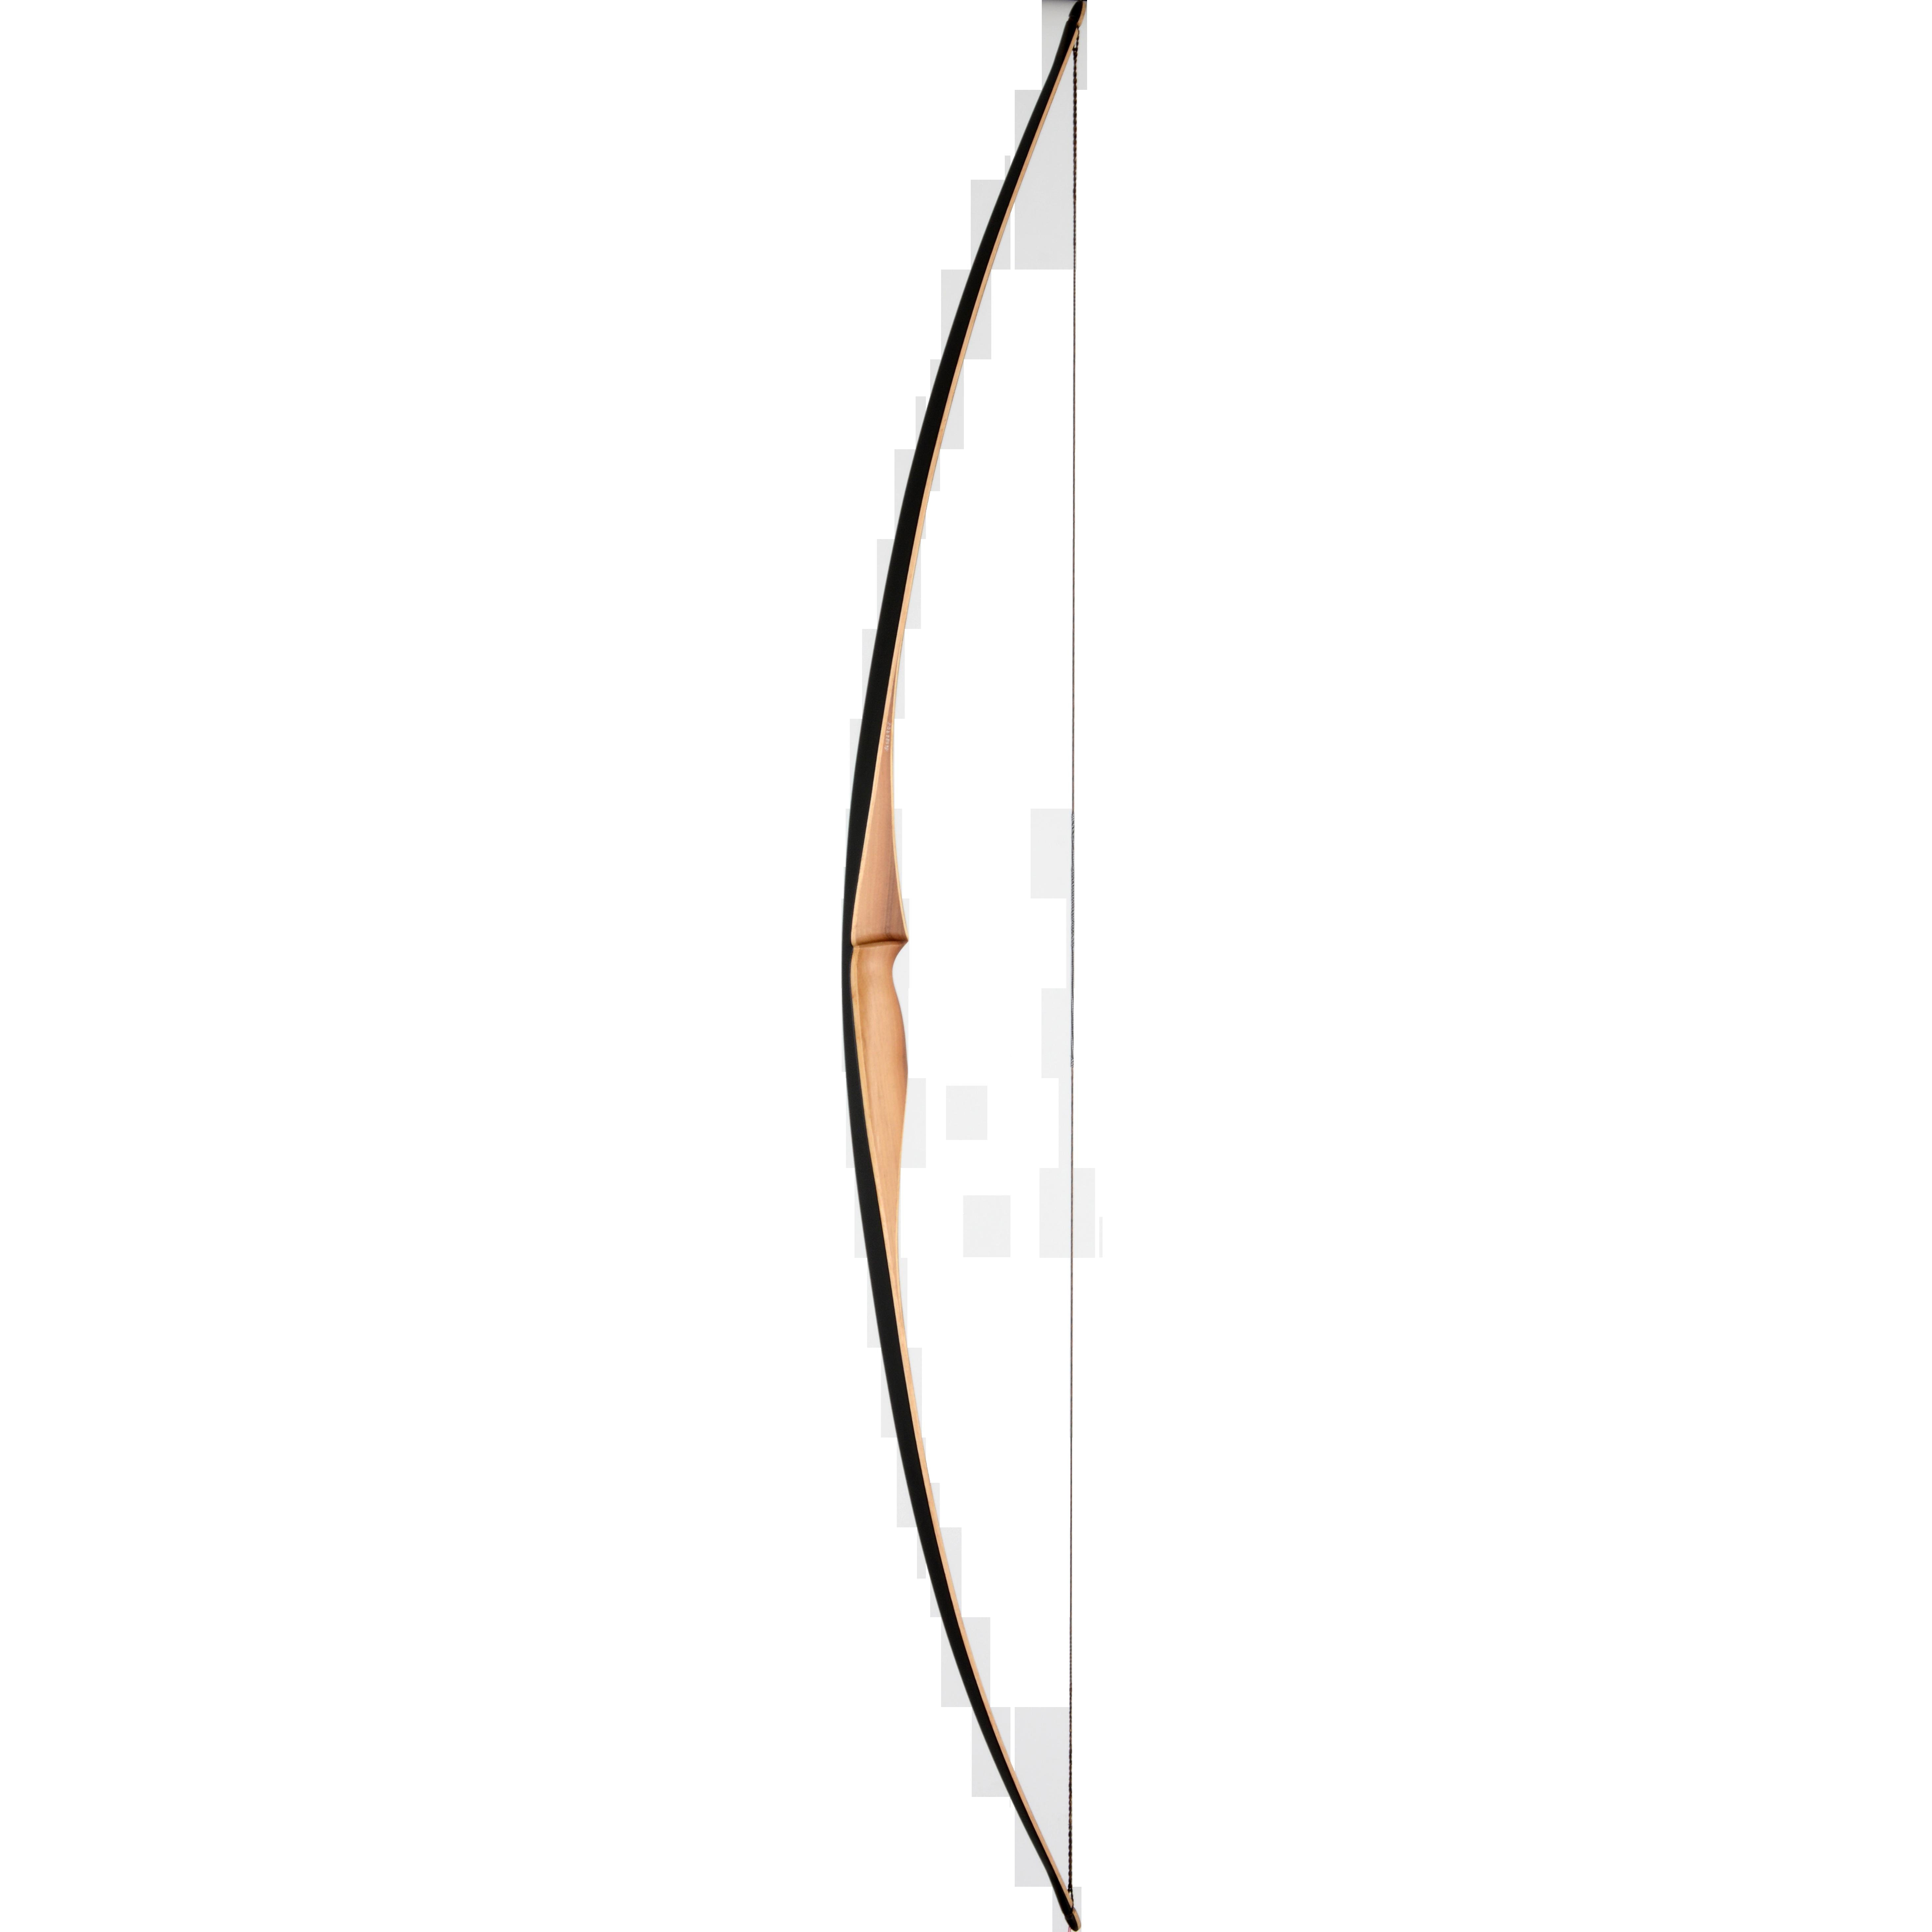 Dakota Modell 2019